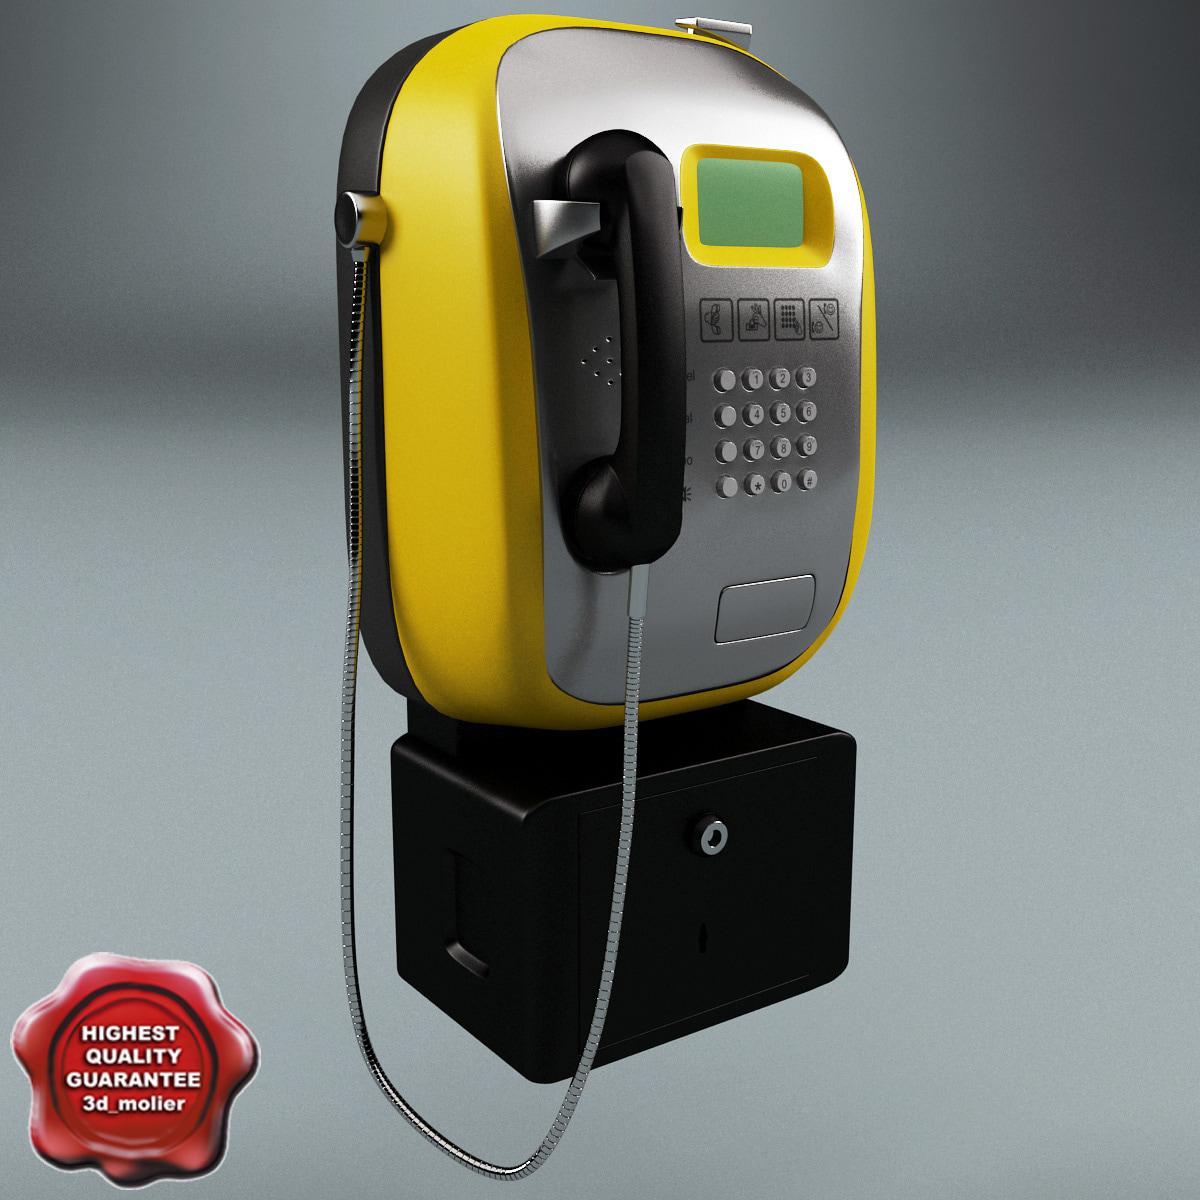 Pay_Phone_V2_00.jpg